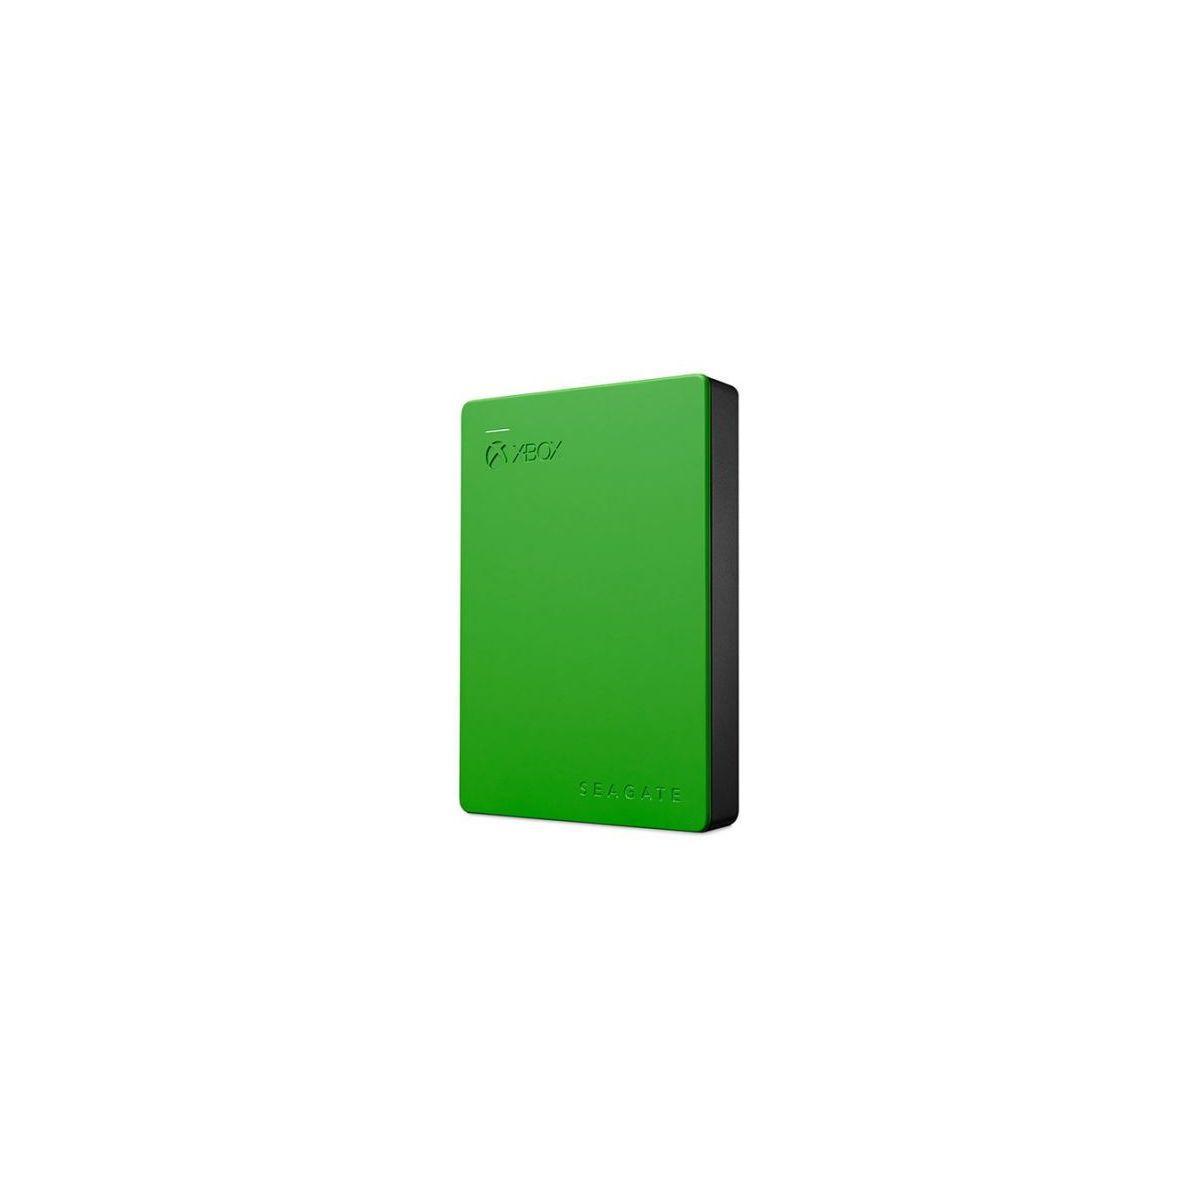 Disque seagate 2,5'' 2 to xbox game driv - 3% de remise immédiate avec le code : multi3